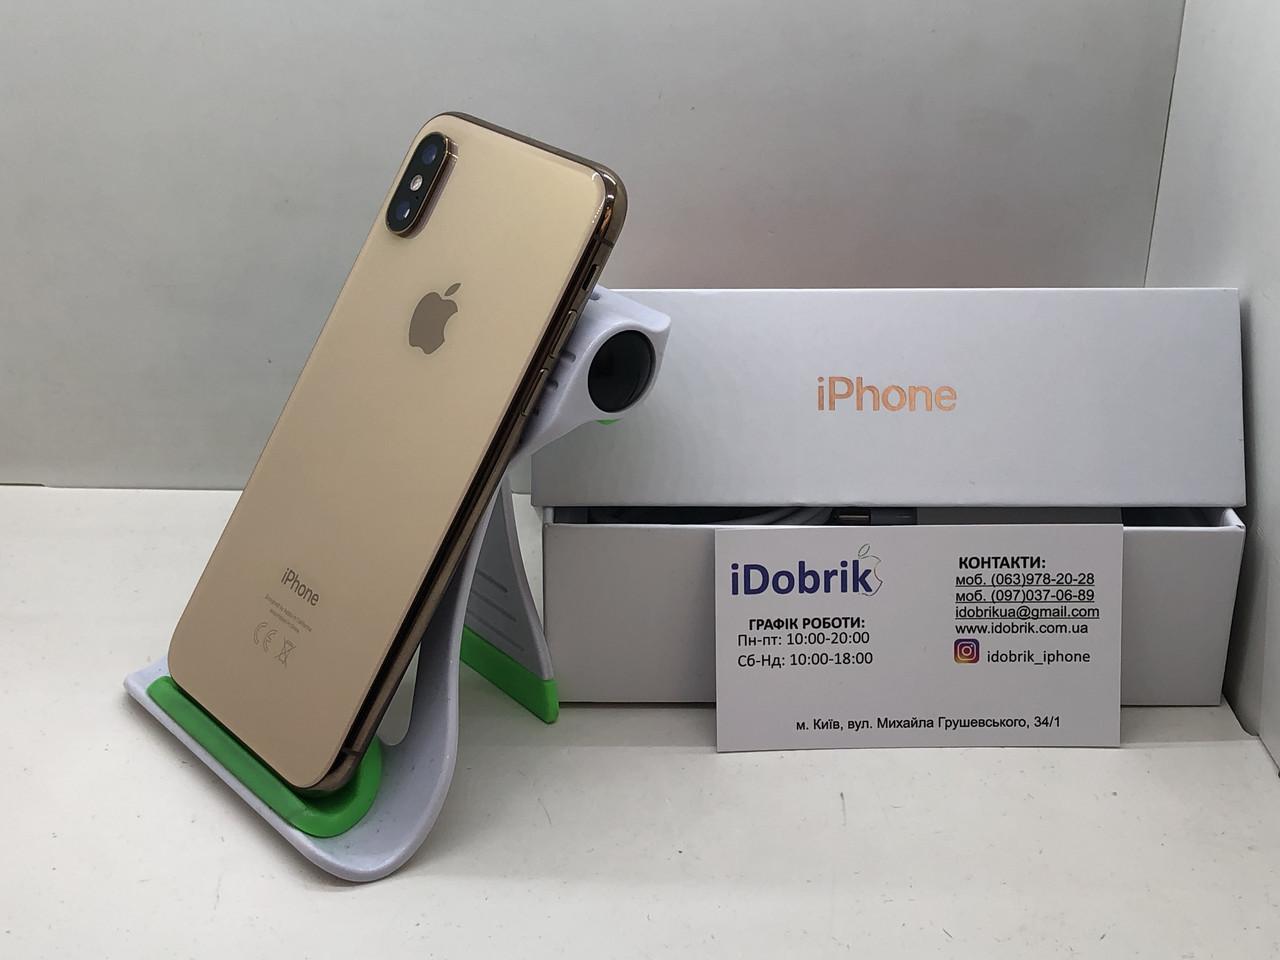 Б/У iPhone XS 256gb Gold Neverlock 10/10